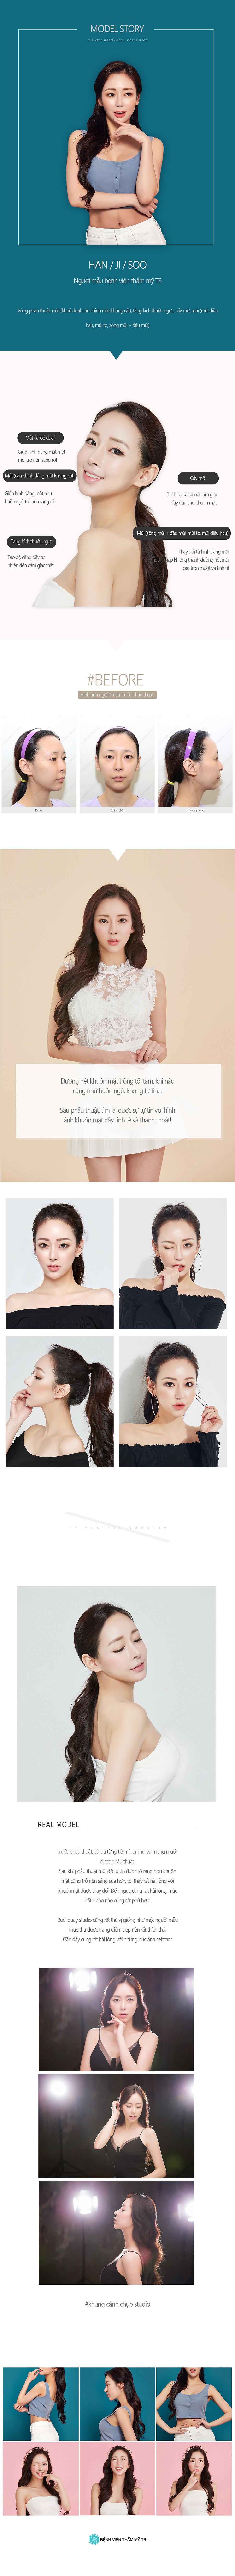 모델한지수 베트남.jpg